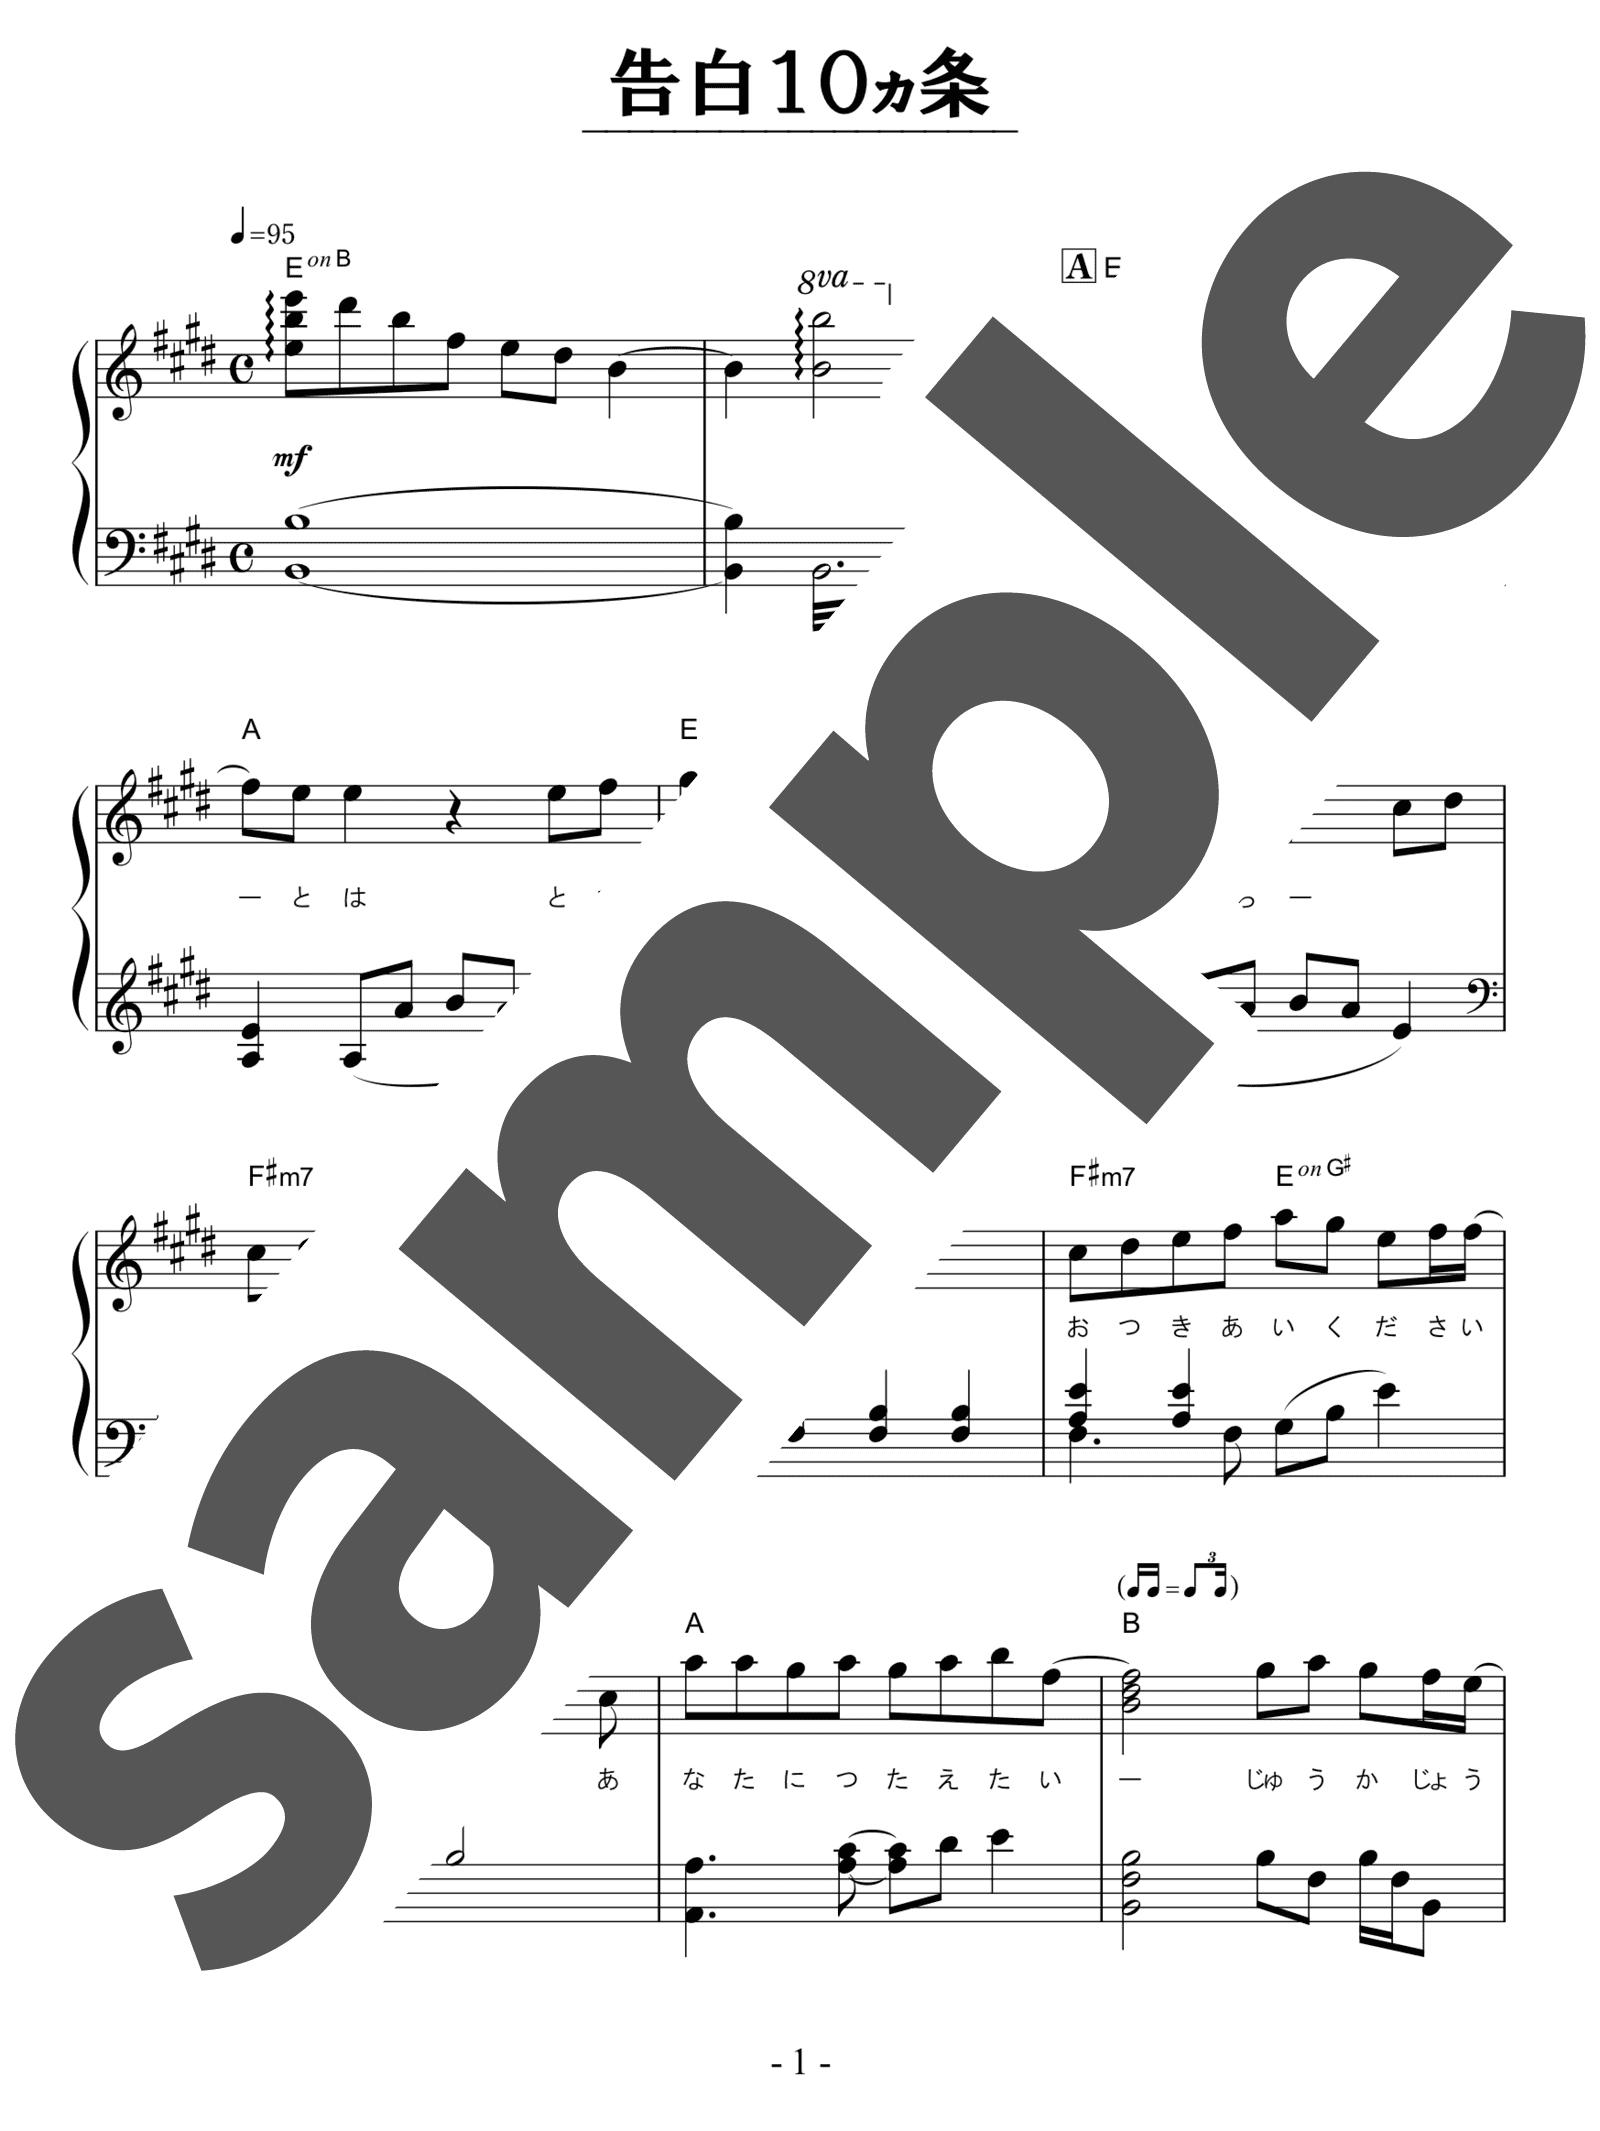 「告白10カ条」のサンプル楽譜